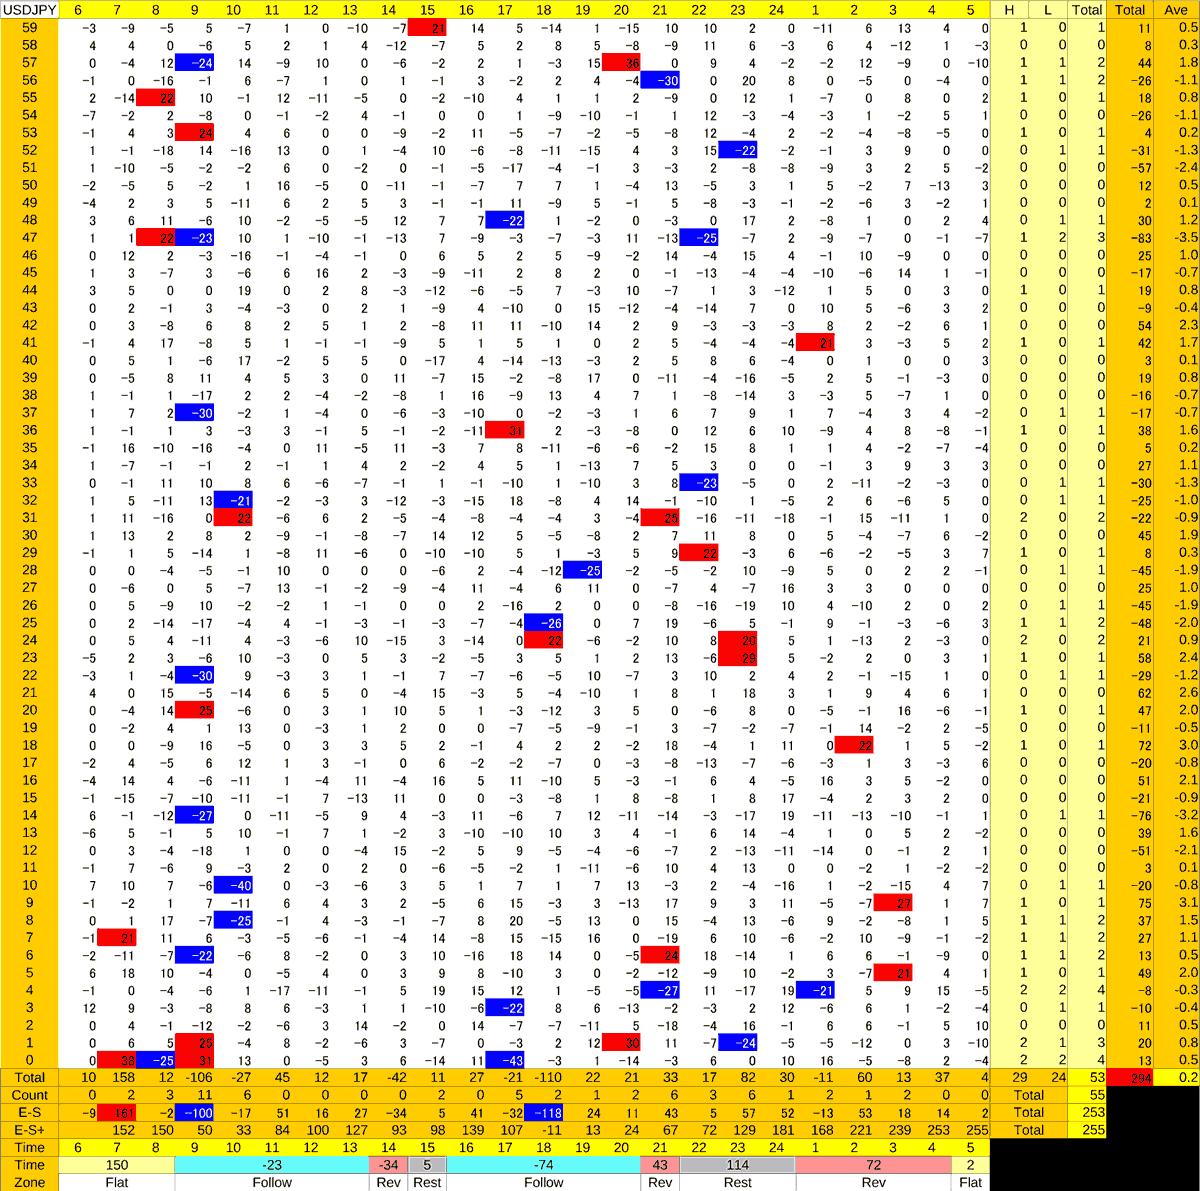 20200824_HS(1)USDJPY